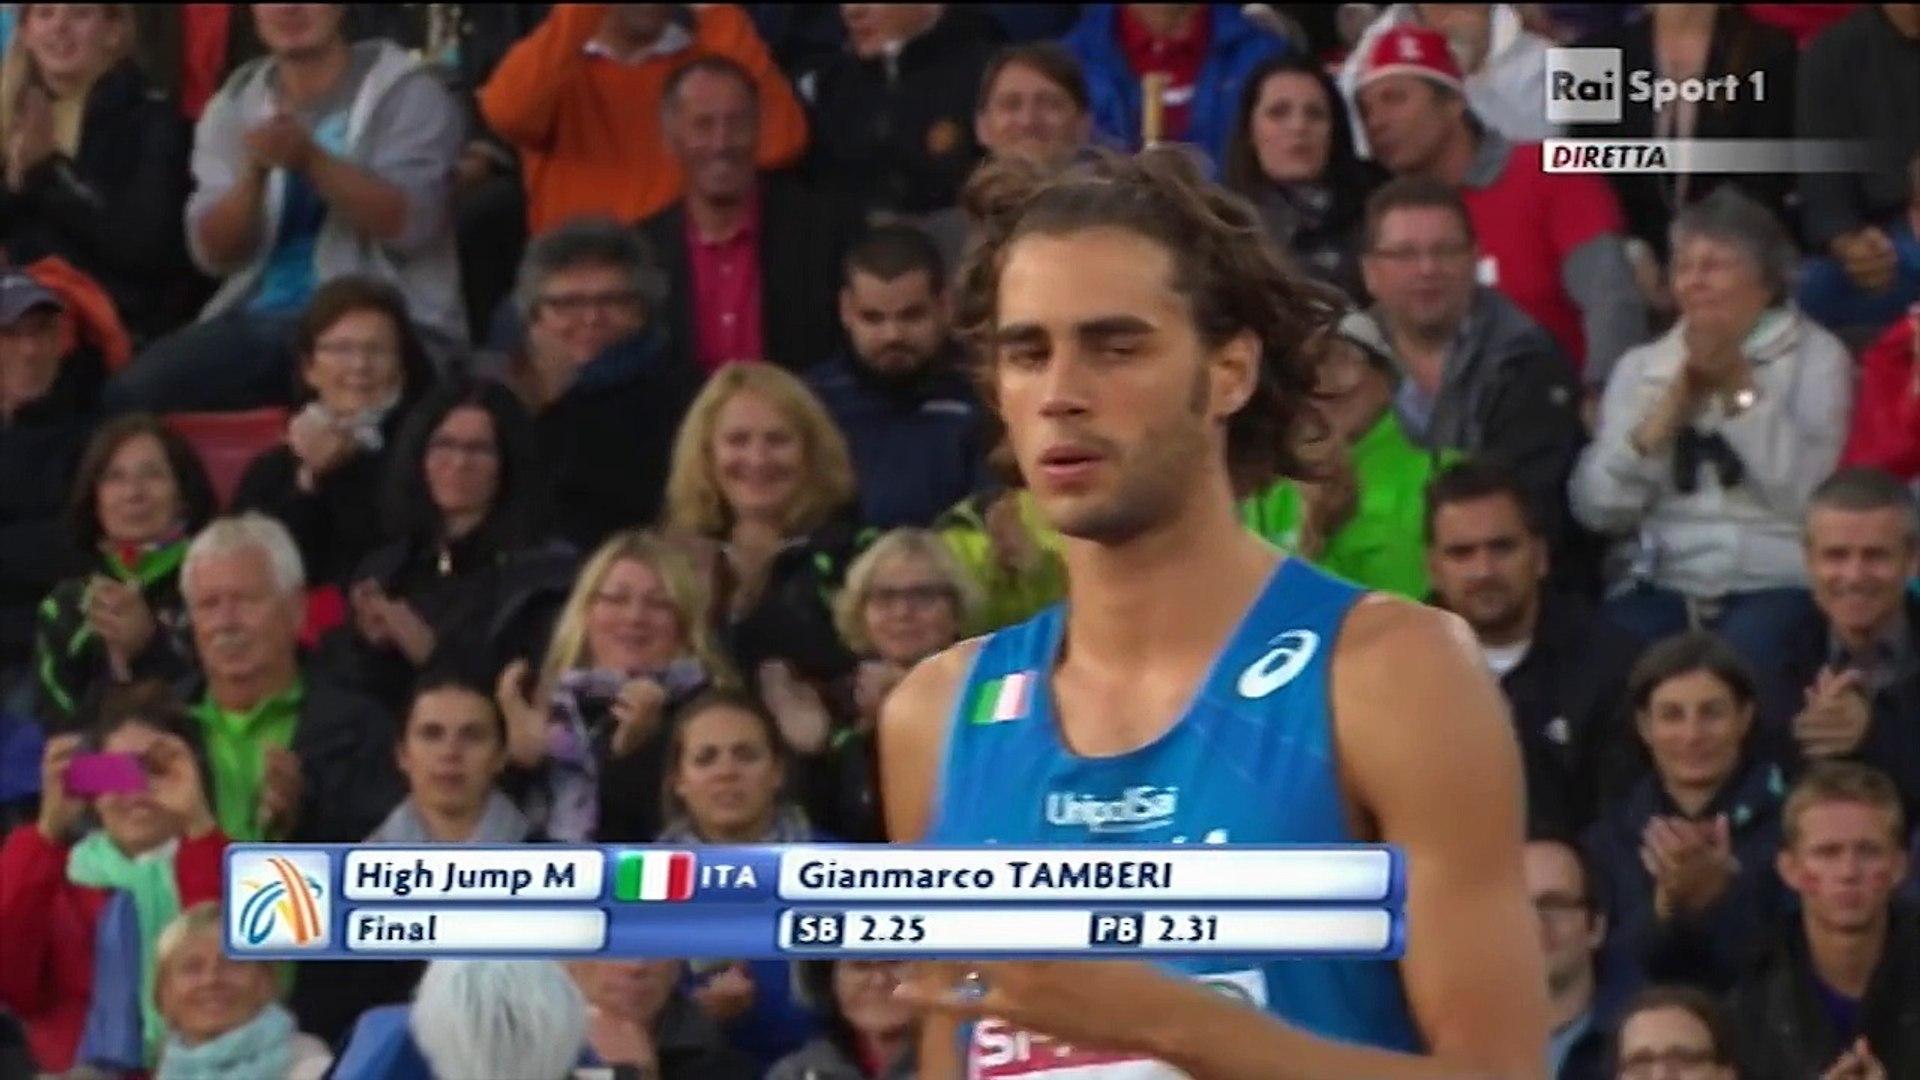 Campionati Europei di Zurigo - Finale salto in alto uomini - Gianmarco  Tamberi - video Dailymotion